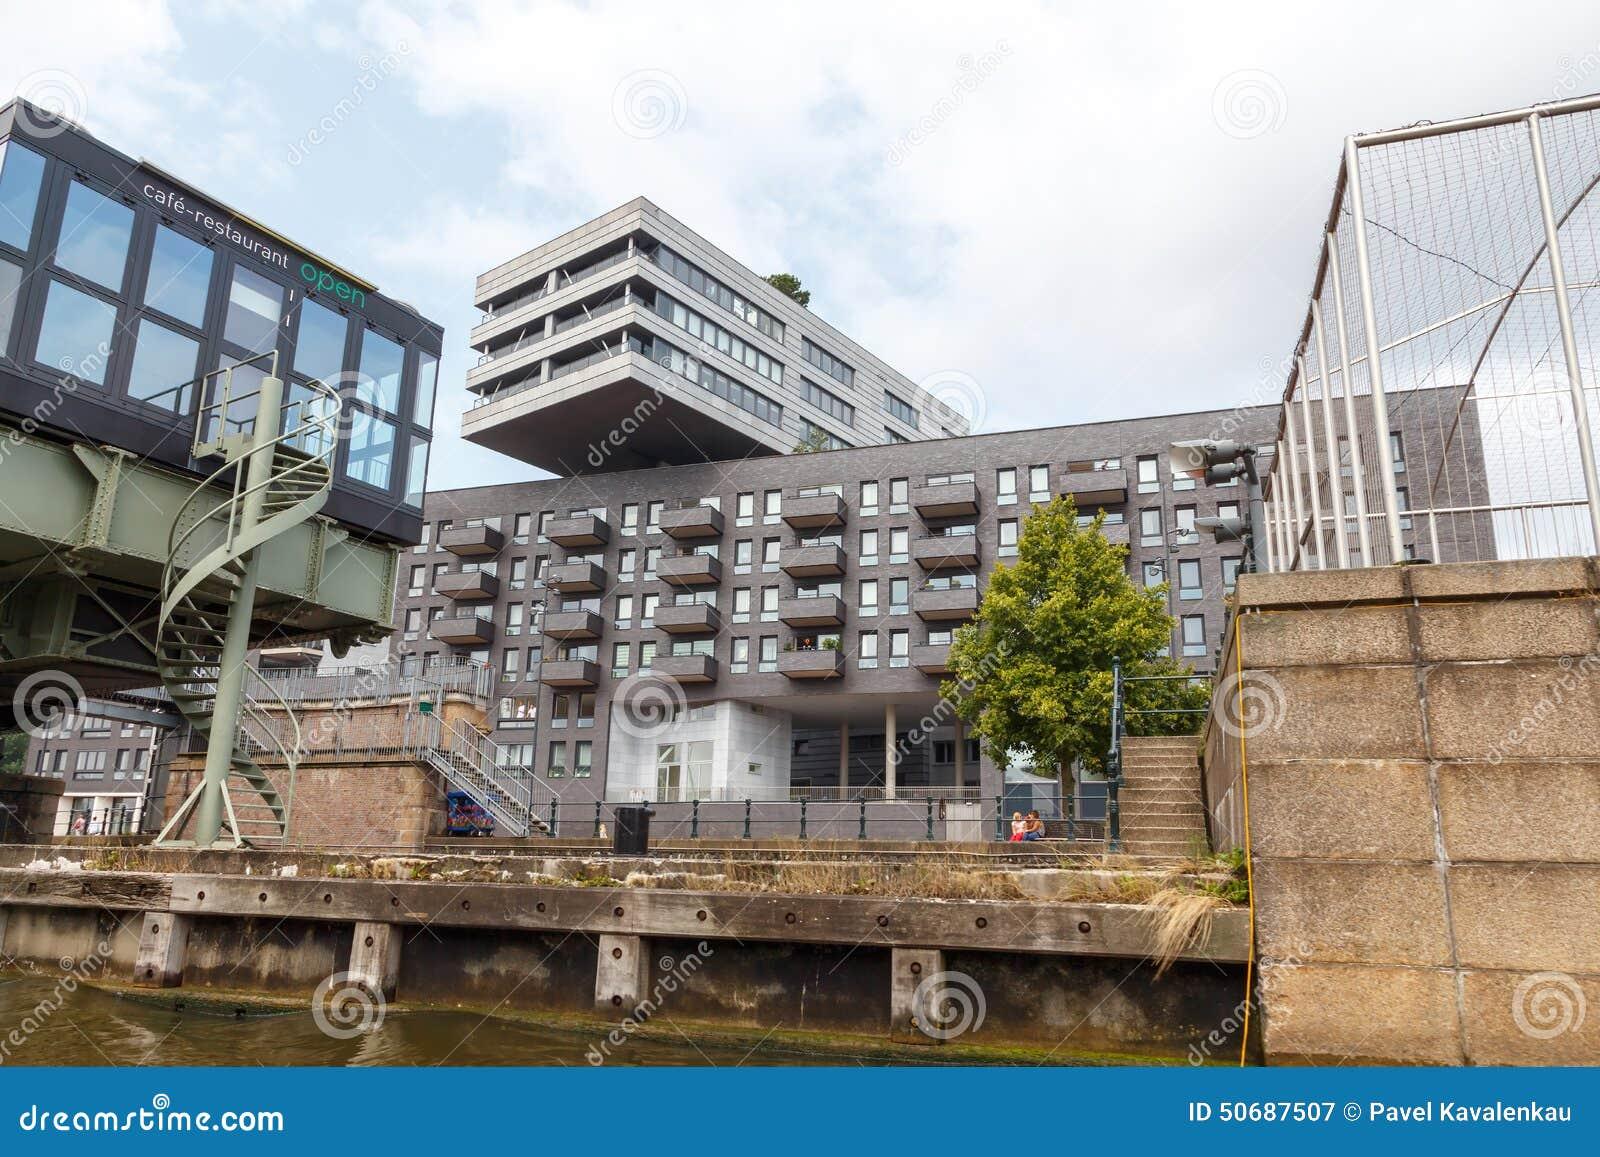 Download 阿姆斯特丹运河 图库摄影片. 图片 包括有 旅行, 门面, 运输, 咖啡, 现代, 拱道, 布哈拉, 的treadled - 50687507